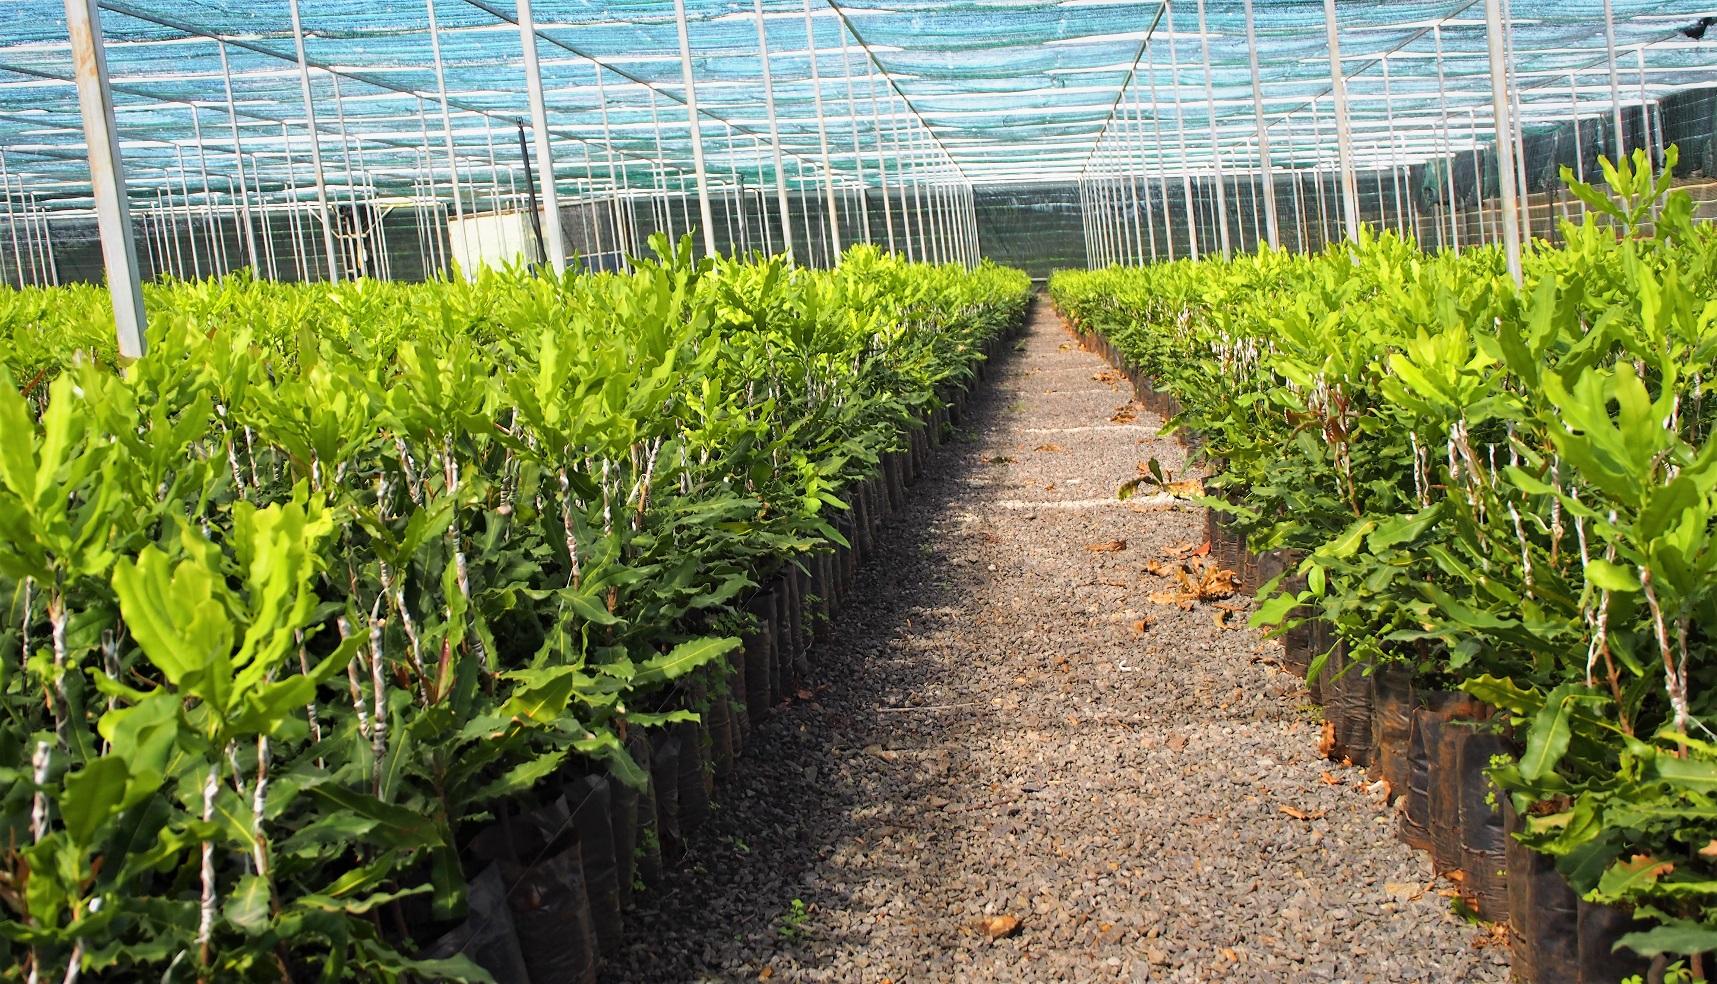 Hình ảnh cây giống mắc ca mới được ghép tại Vườn ươm Công ty Him Lam Mắc Ca